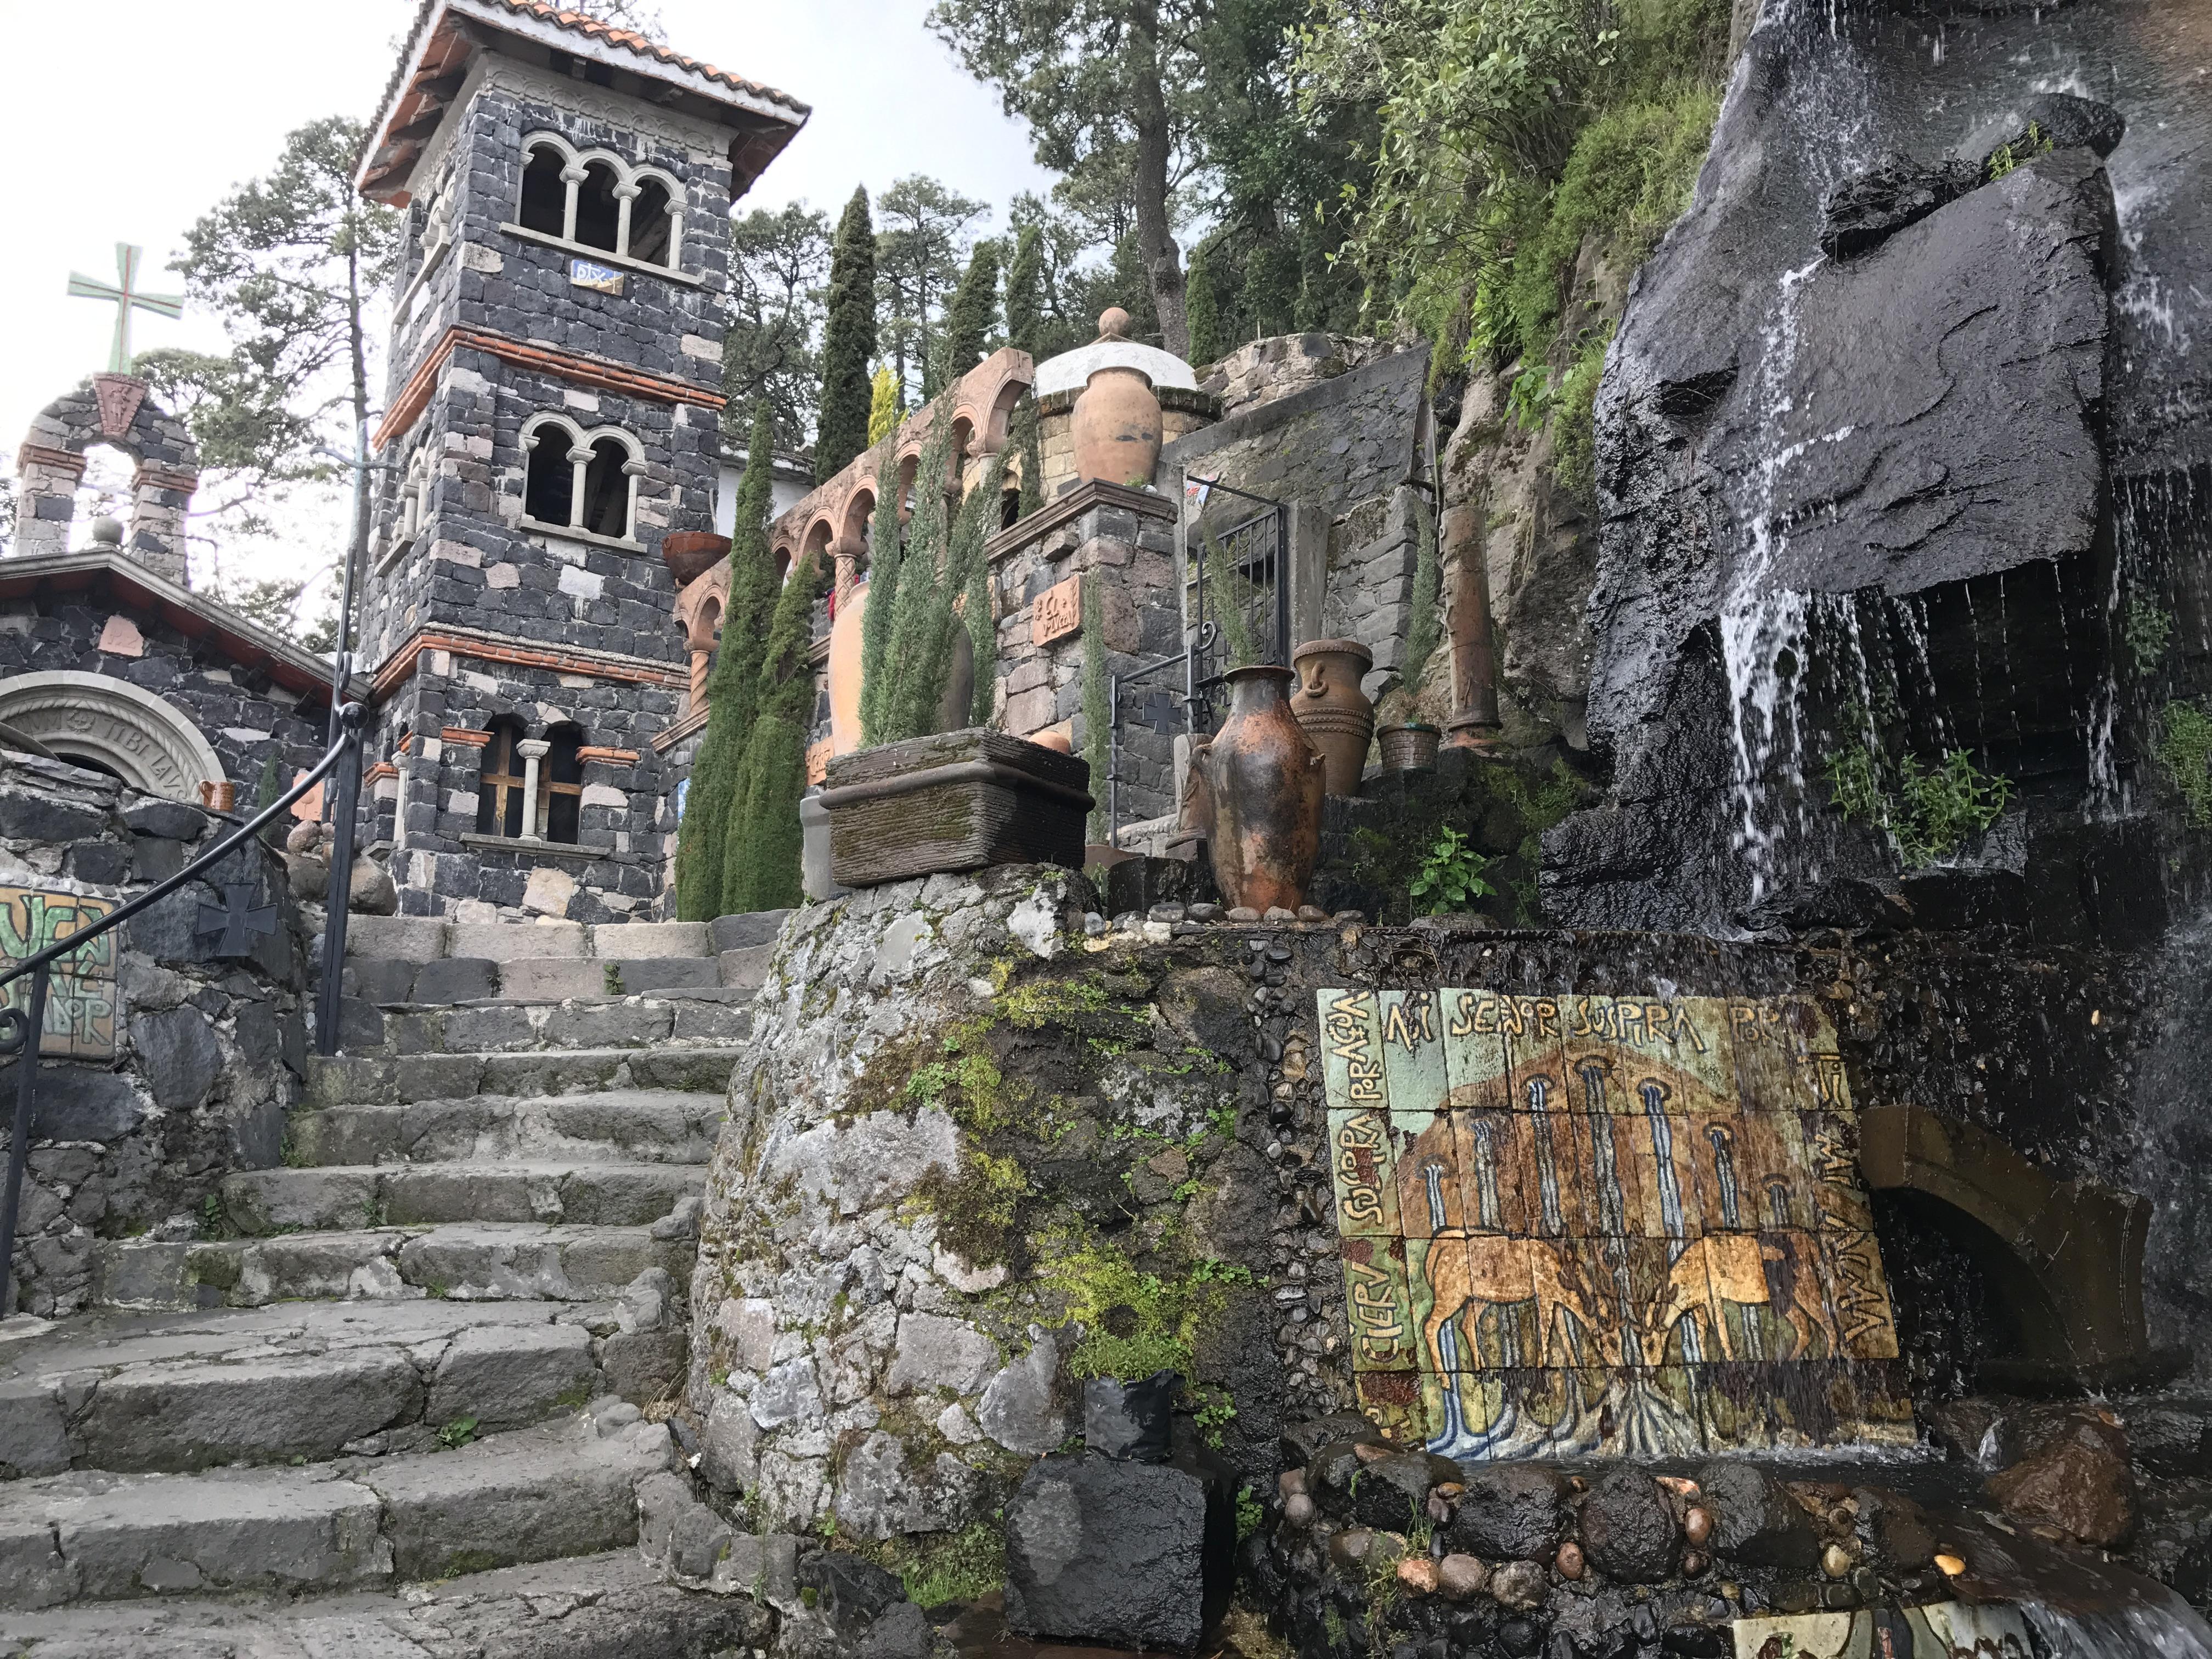 ermita grounds.JPG